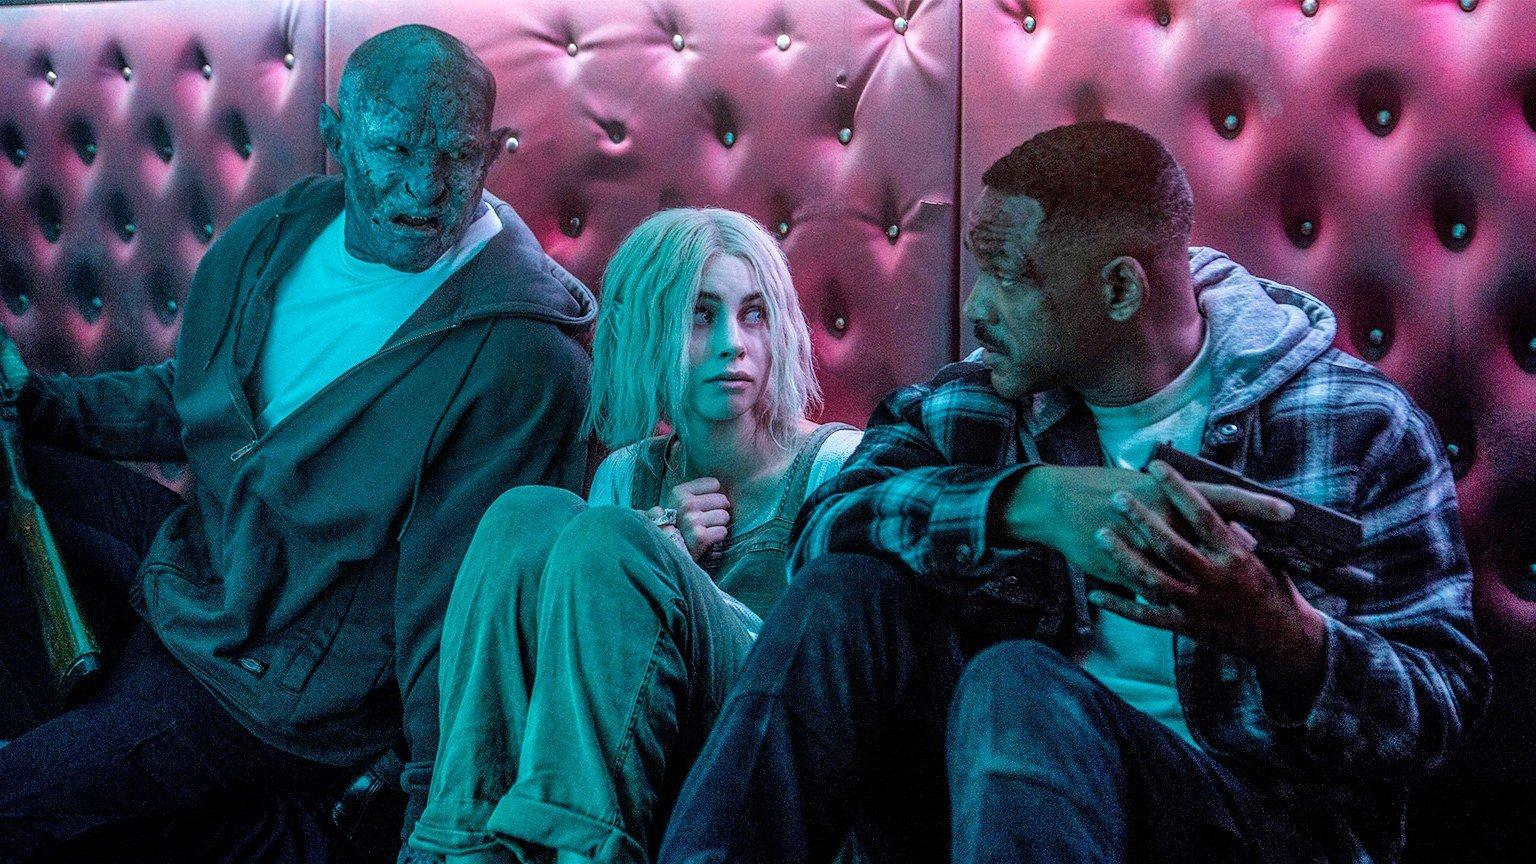 Joel Edgerton als Ork, Lucy Fry und Will Smith sitzen an einer Wand angelehnt in einem Szenenbild für Kritik Bright von Netflix